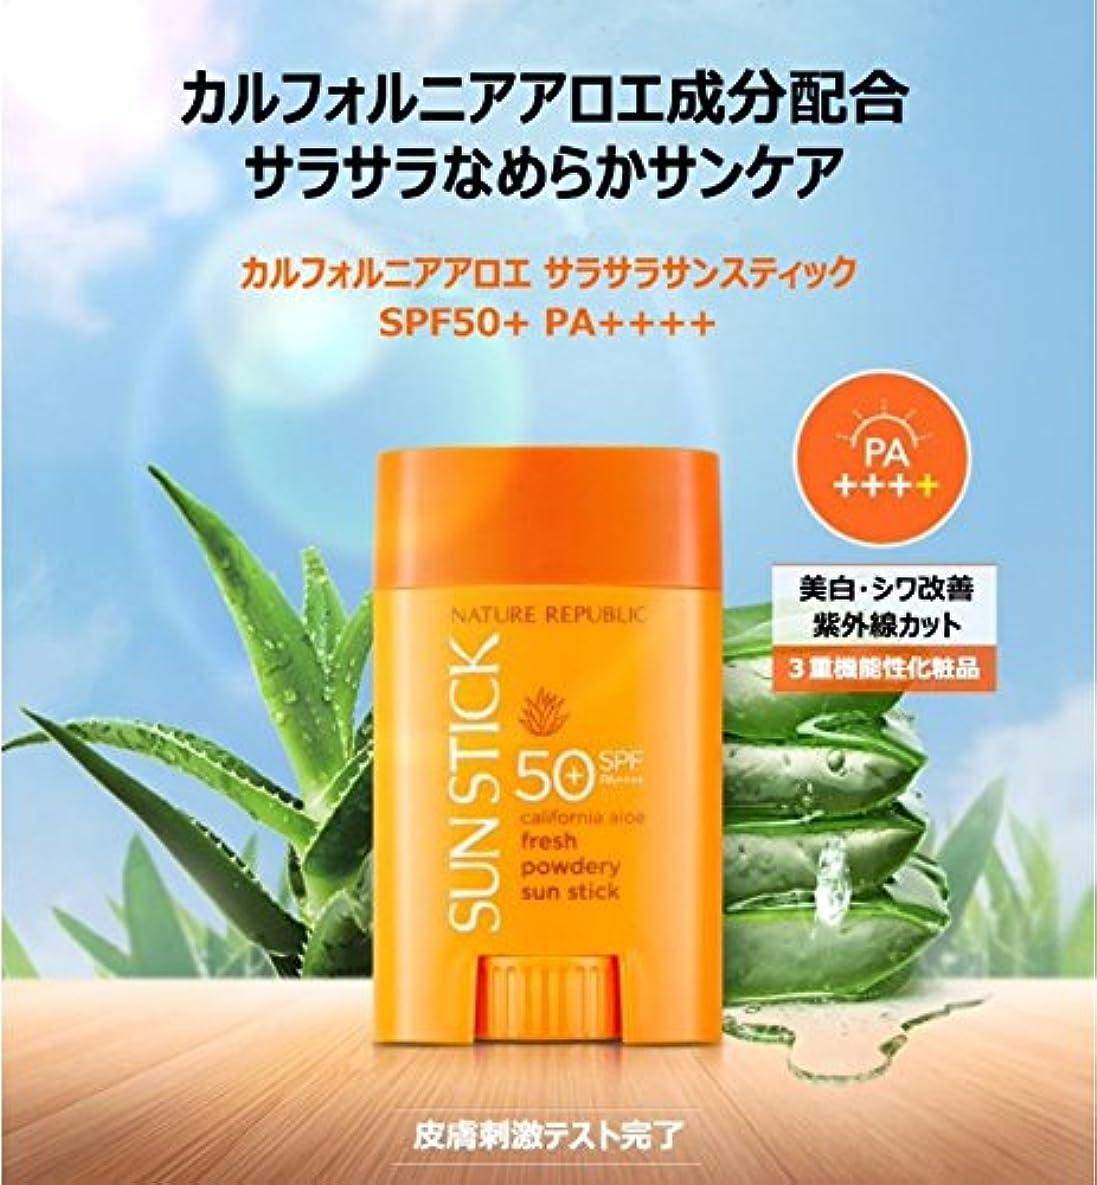 スリップシューズラップ雄弁なNATURE REPUBLIC California Aloe Perfect Sun Block SPF50+ PA++++ 150ml/ネイチャーリパブリック カリフォルニアアロエパーフェクトサンブロック [並行輸入品]